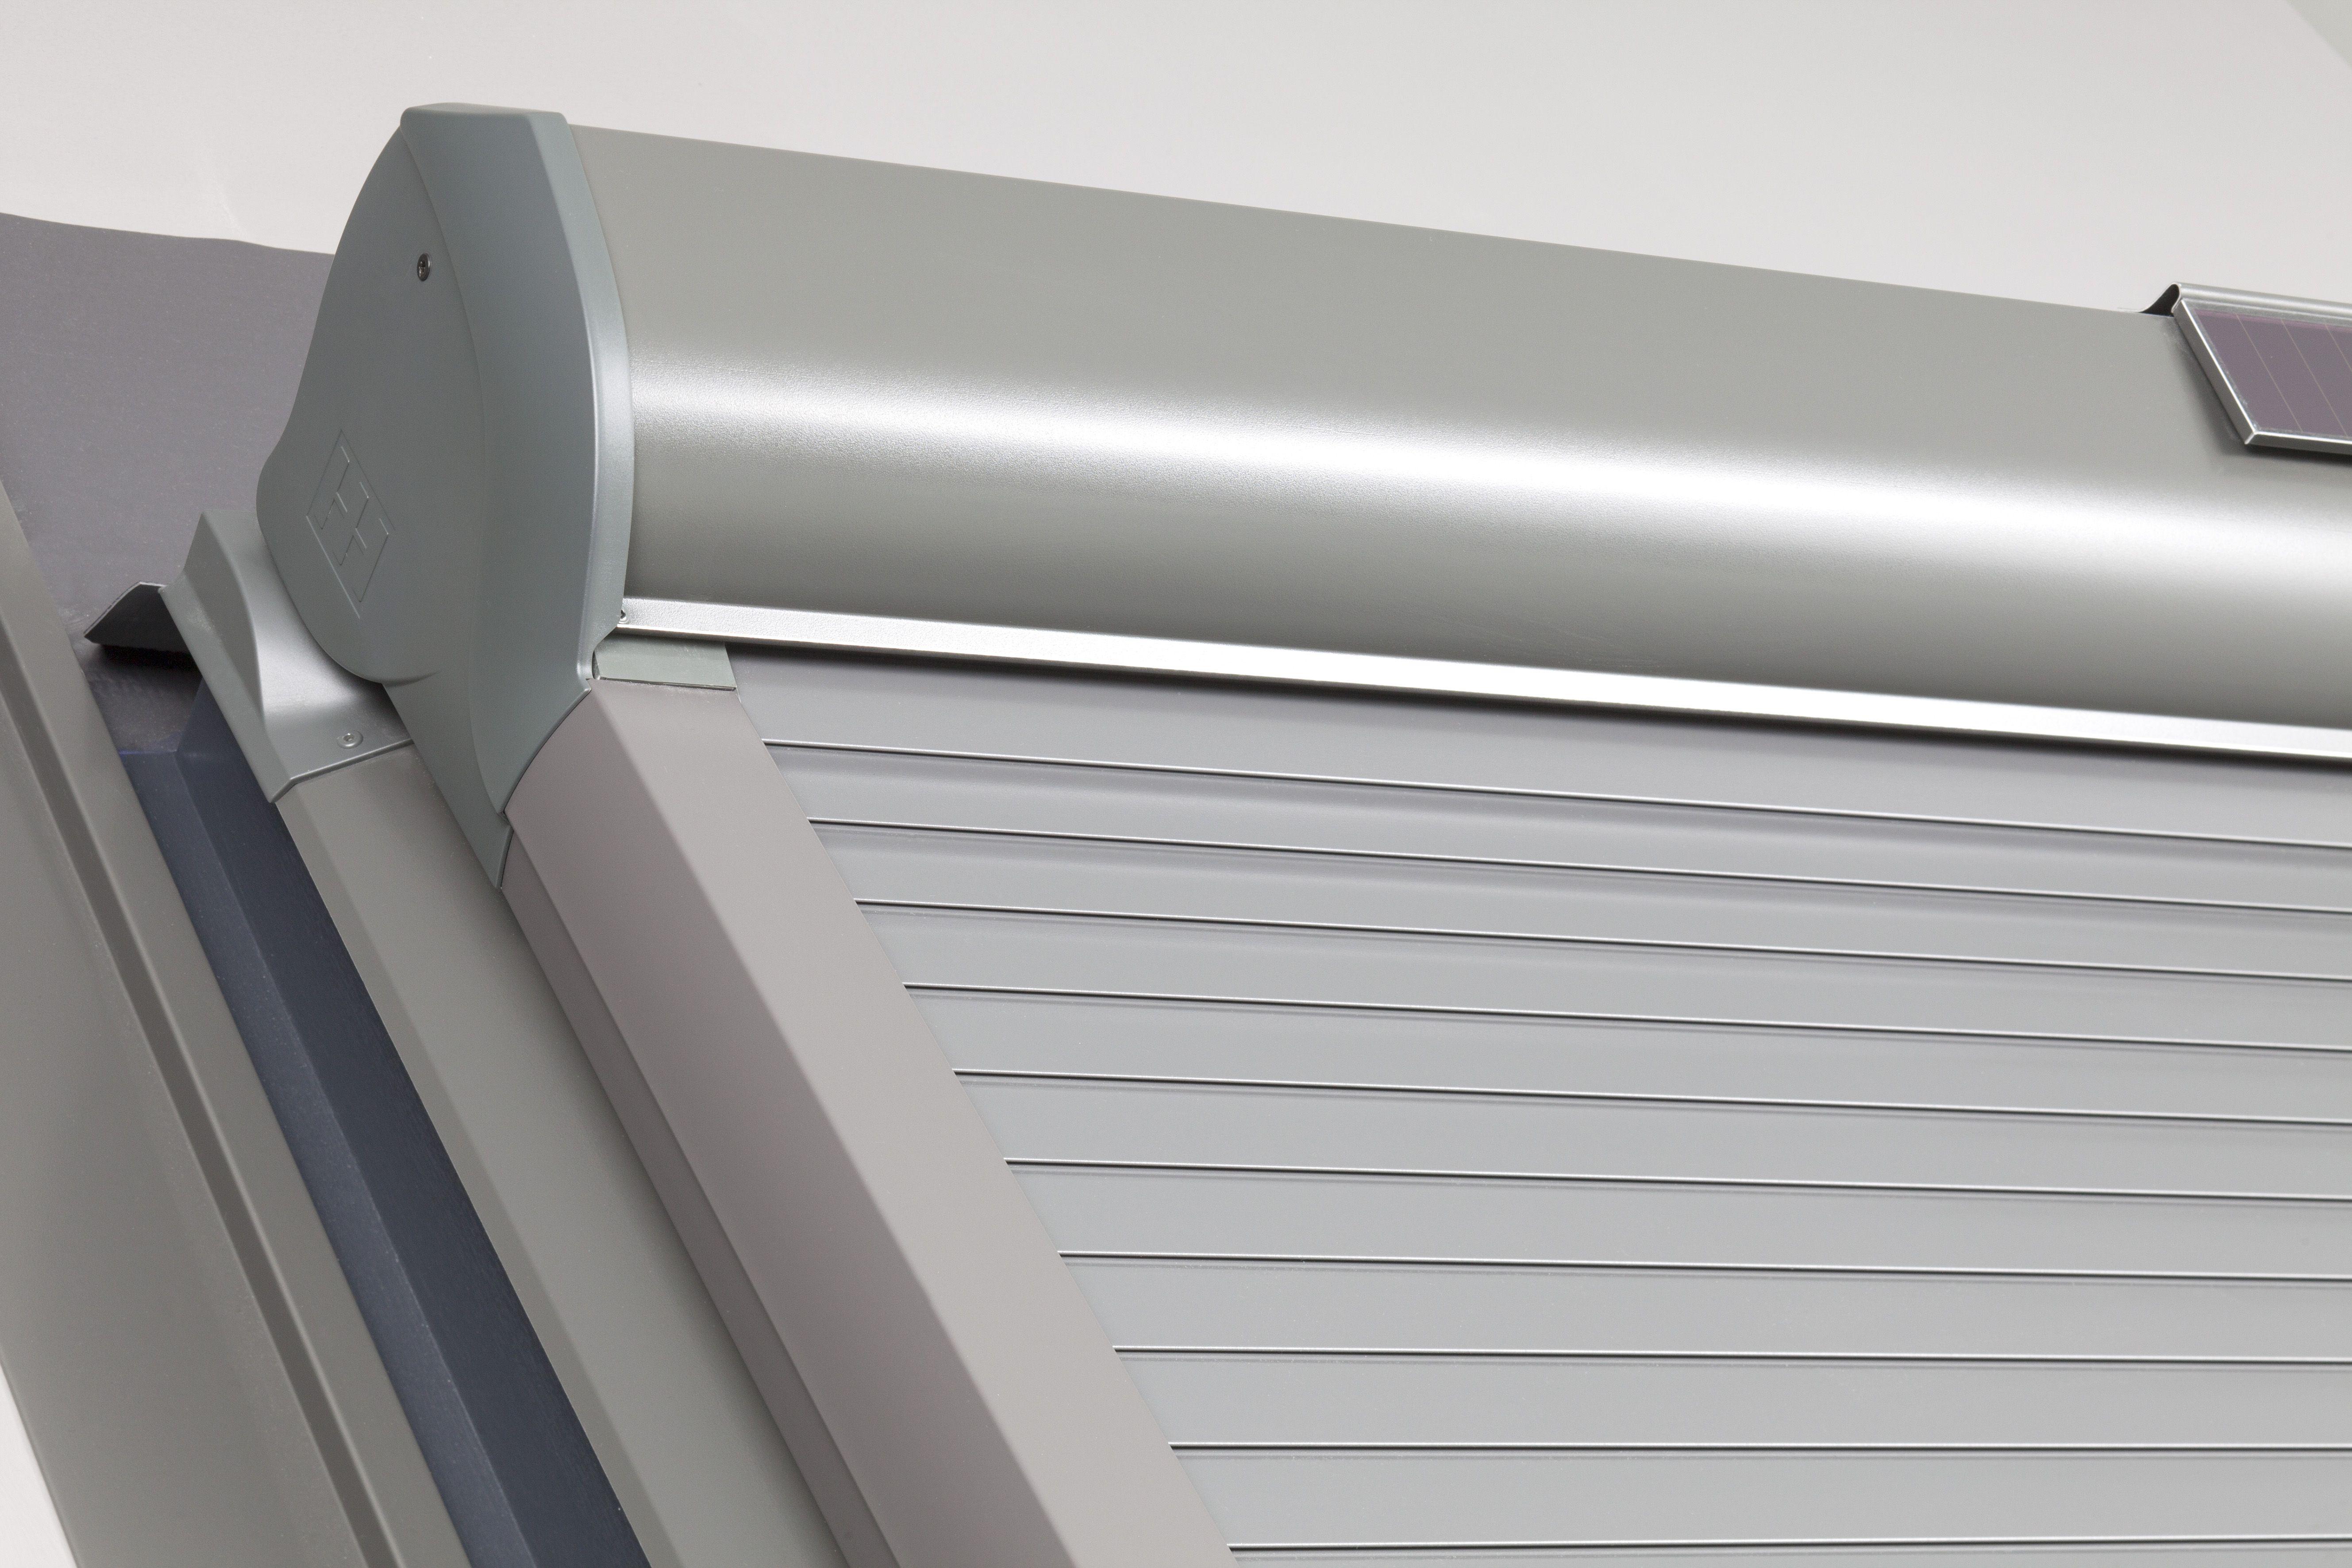 Wohndachfenster Mit Integriertem Rollladen Wohndachfenster Dachfenster Fenster Rolladen Rollladen Rollo Dachf Dachschrage Fenster Rollladen Dachfenster